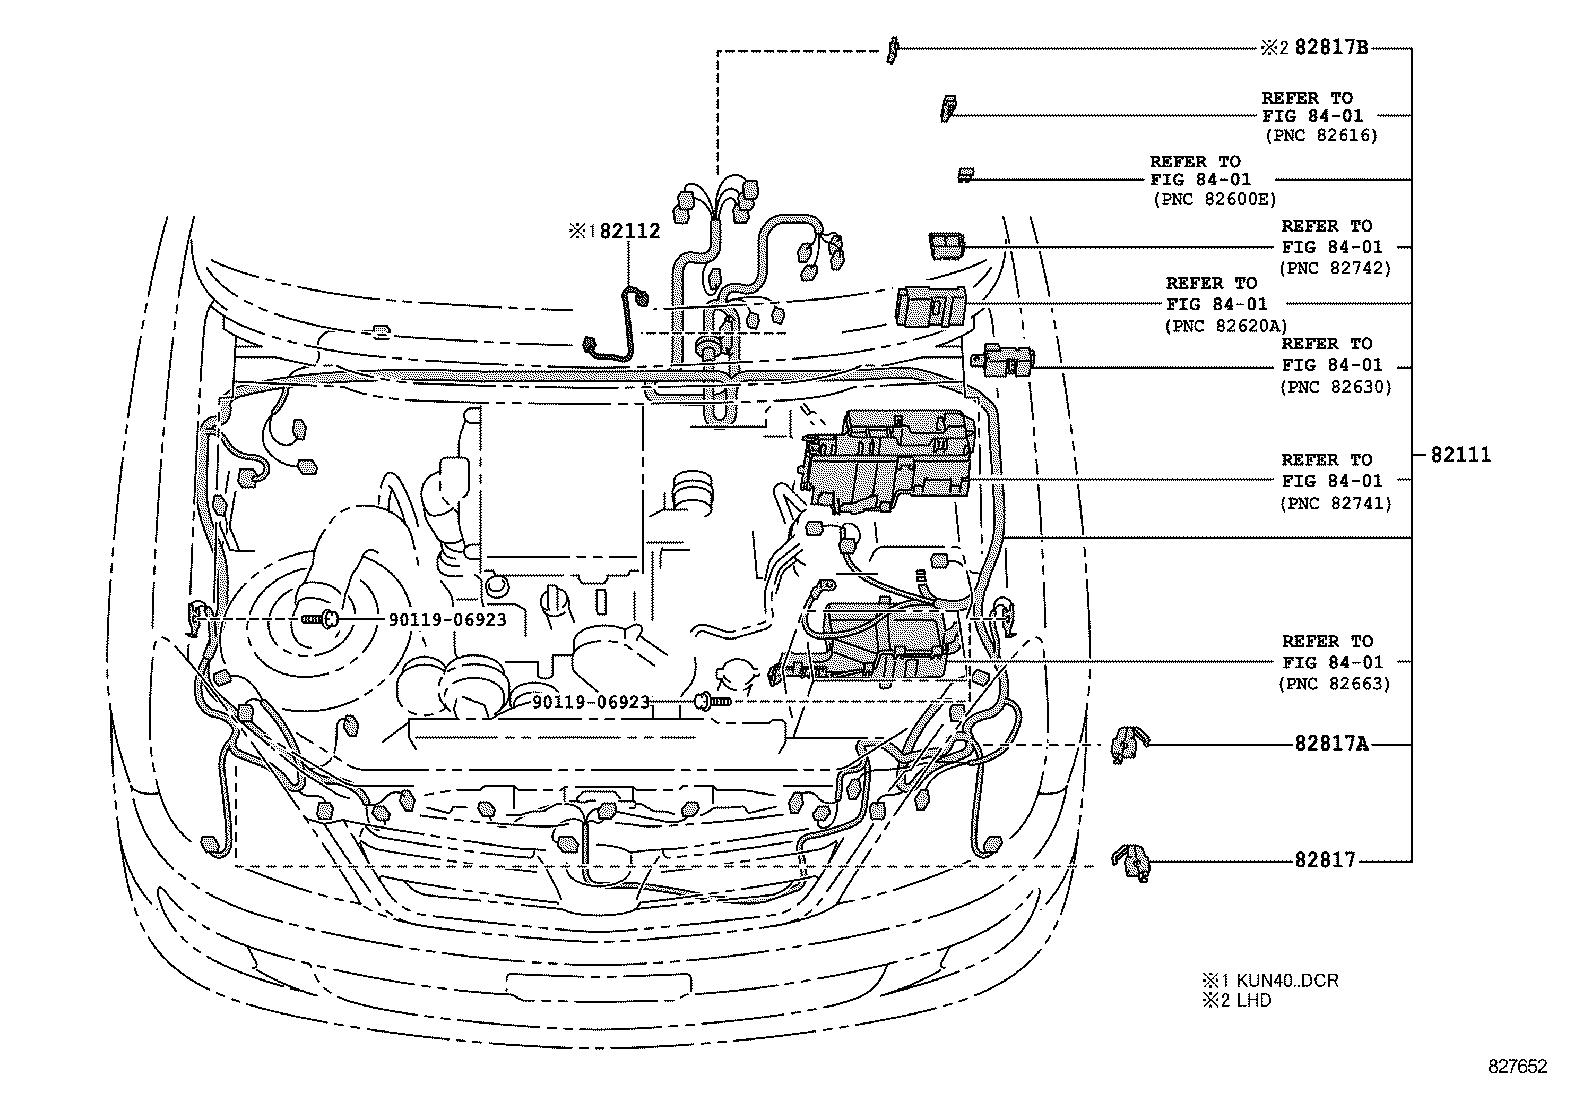 ignition coil condenser wiring diagram 1994 ezgo marathon gas chevy voltage regulator